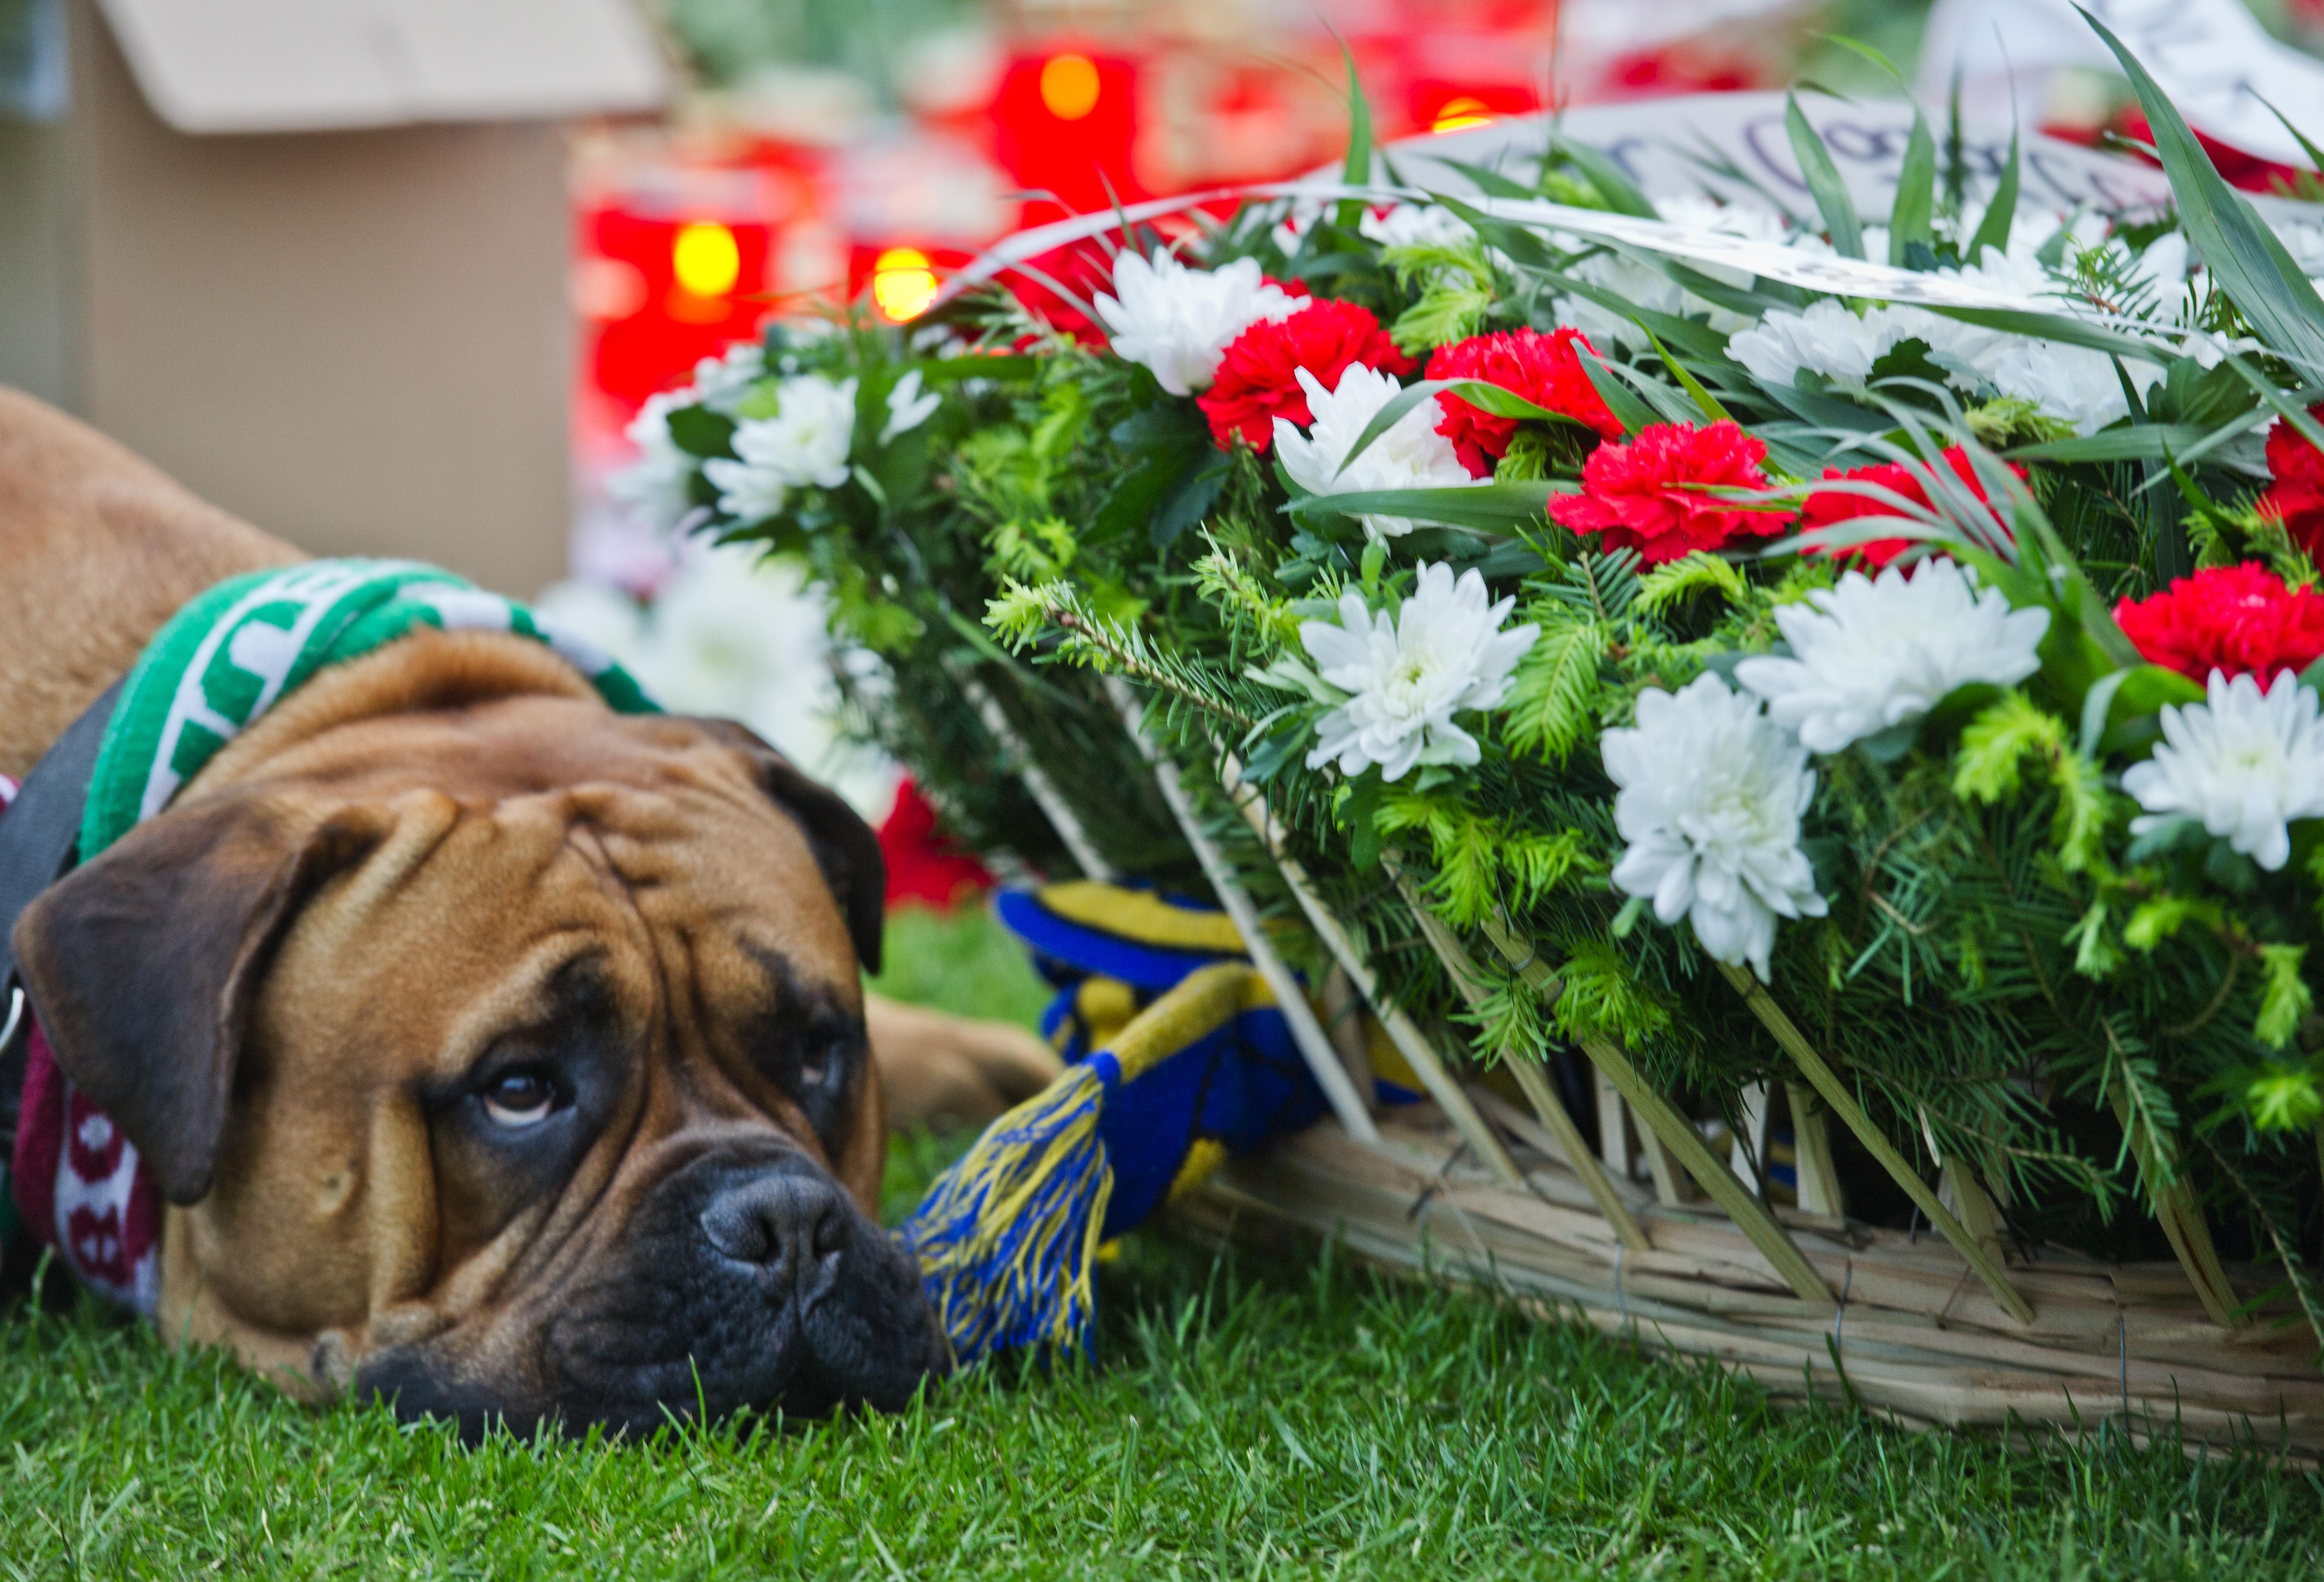 Imaginea zilei in Stefan cel Mare. Oamenii au venit la stadionul Dinamo cu flori, lumanari si bannere si dupa caderea noptii